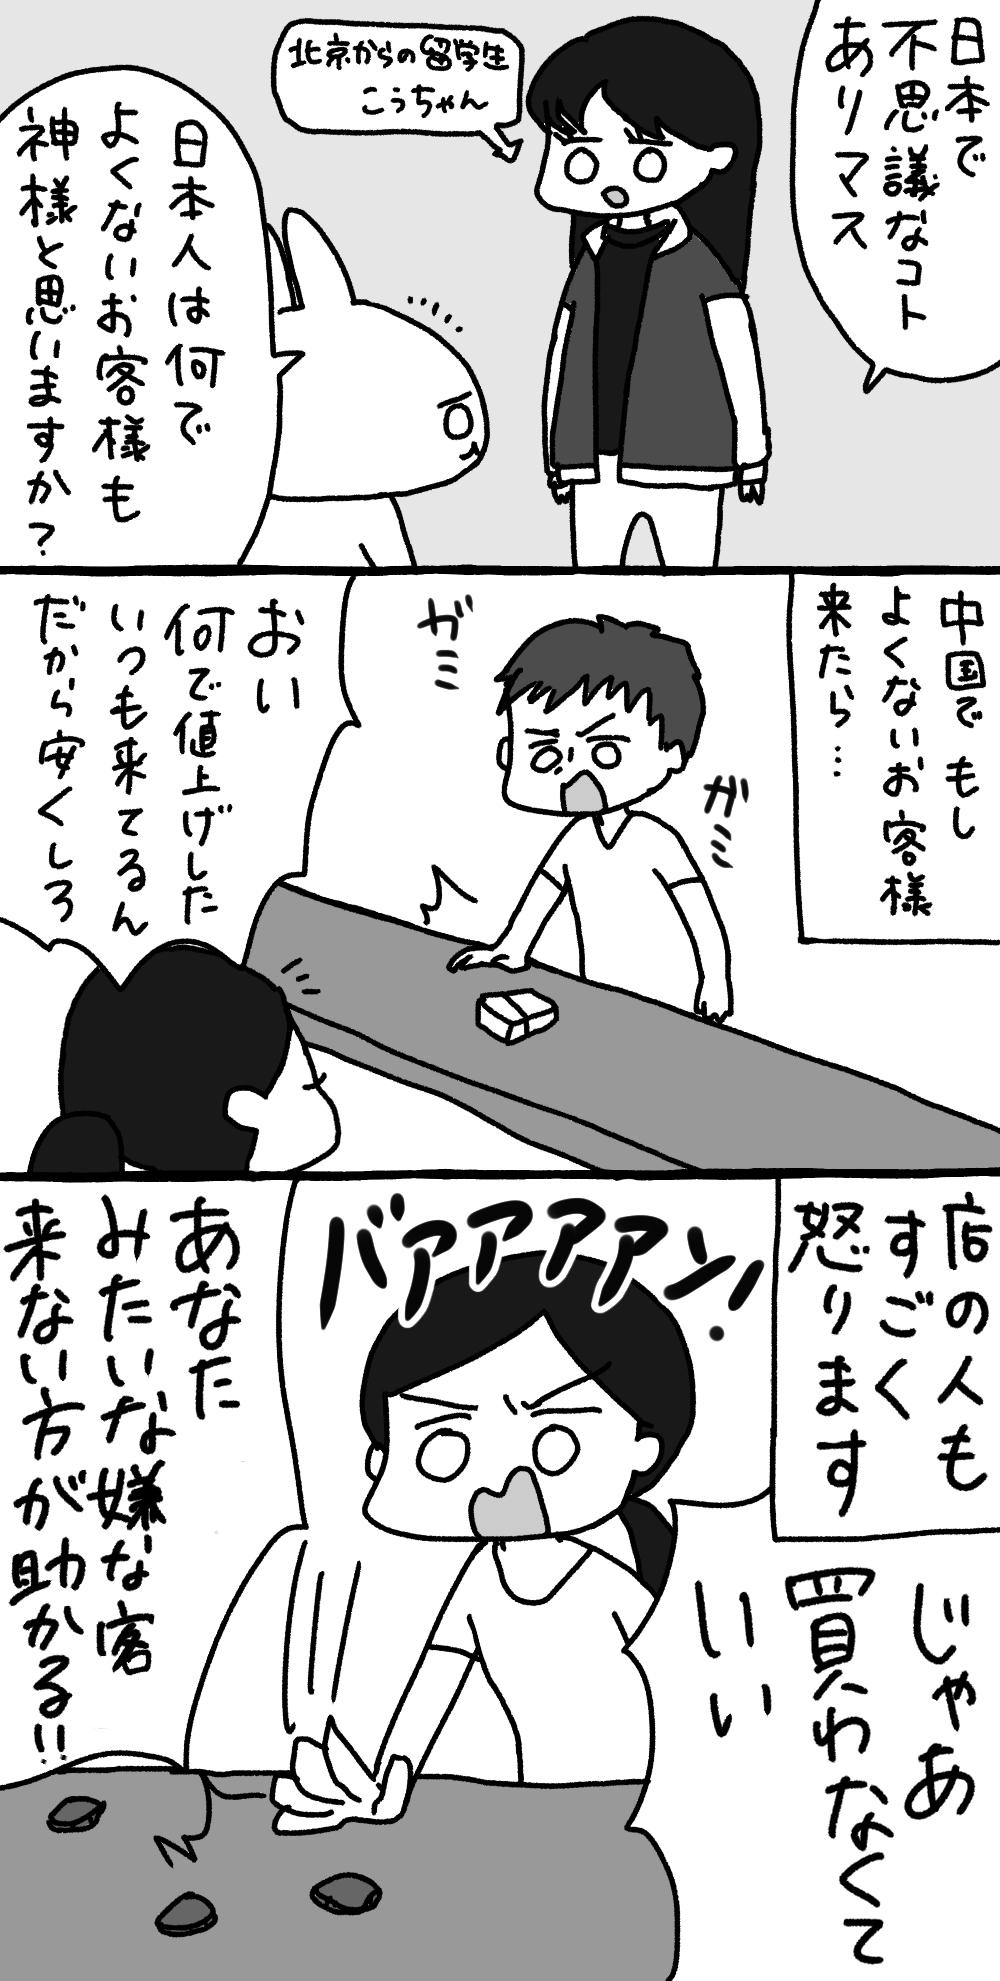 北京人の友達が不思議に思う日本の上下関係